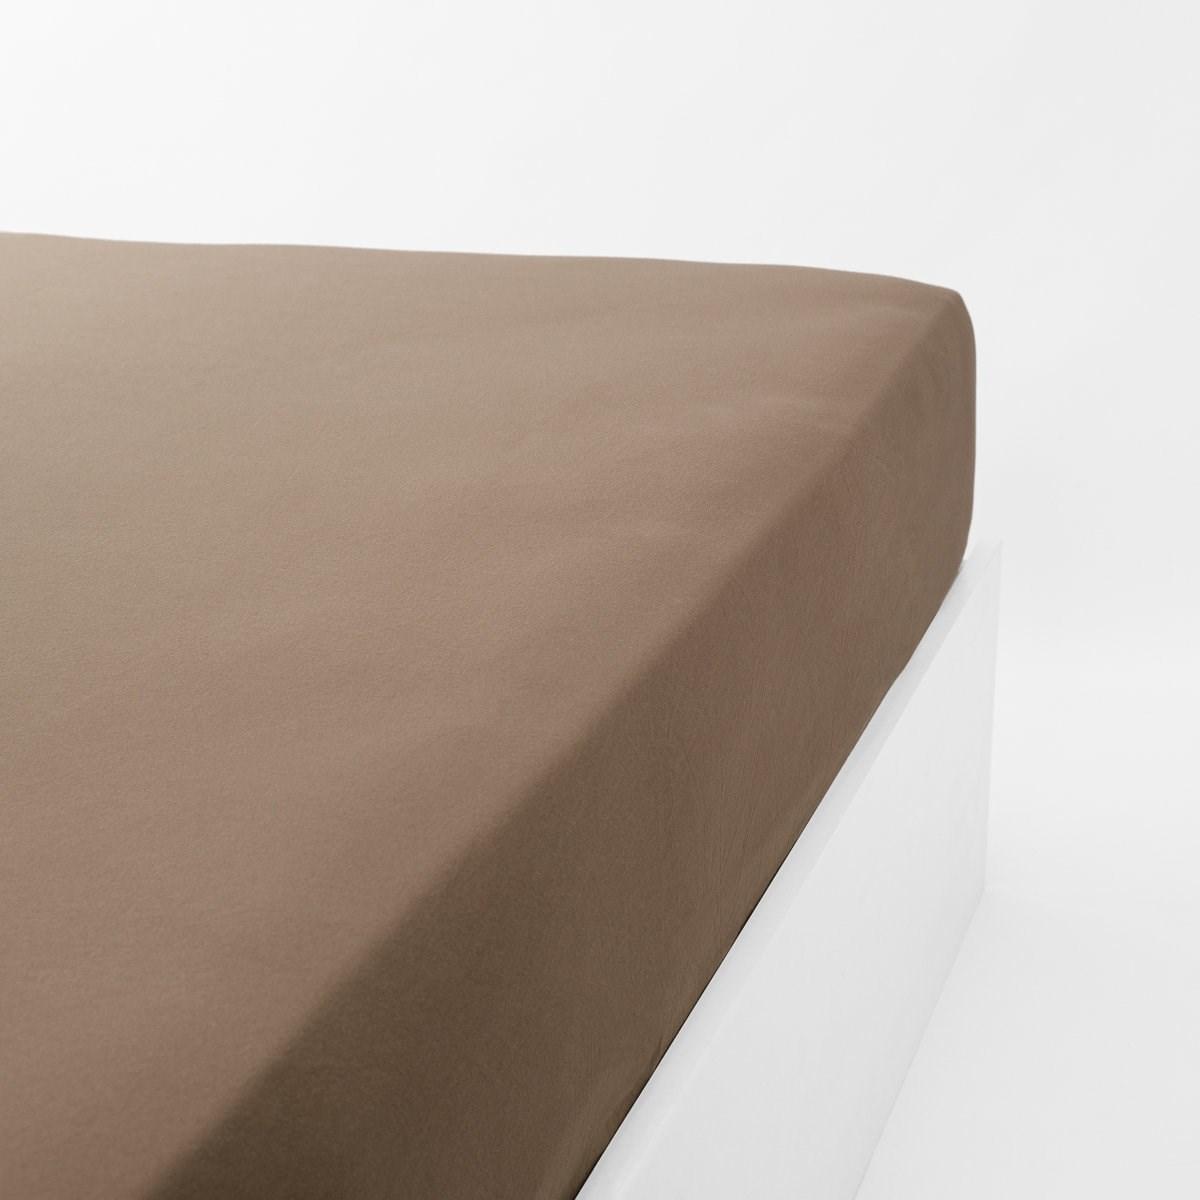 Drap housse jersey extensible en coton marron 160x200 cm